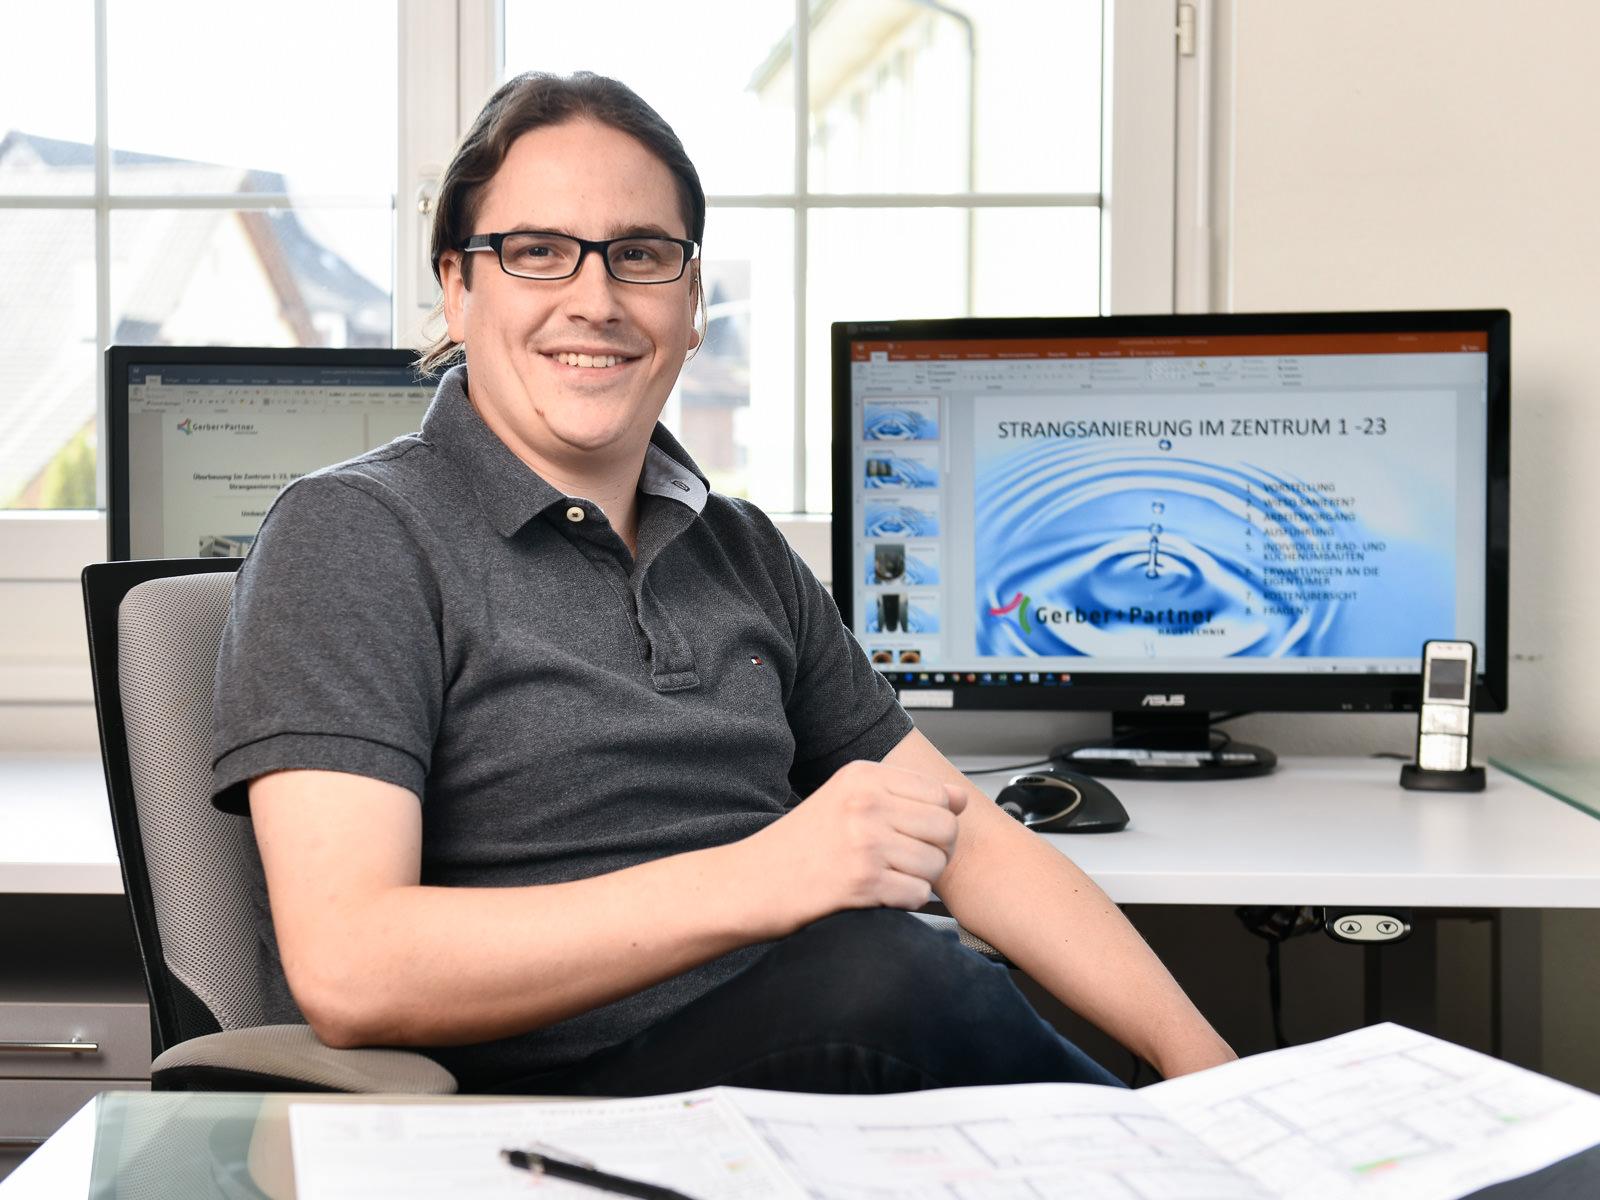 Pascal Oberhänsli